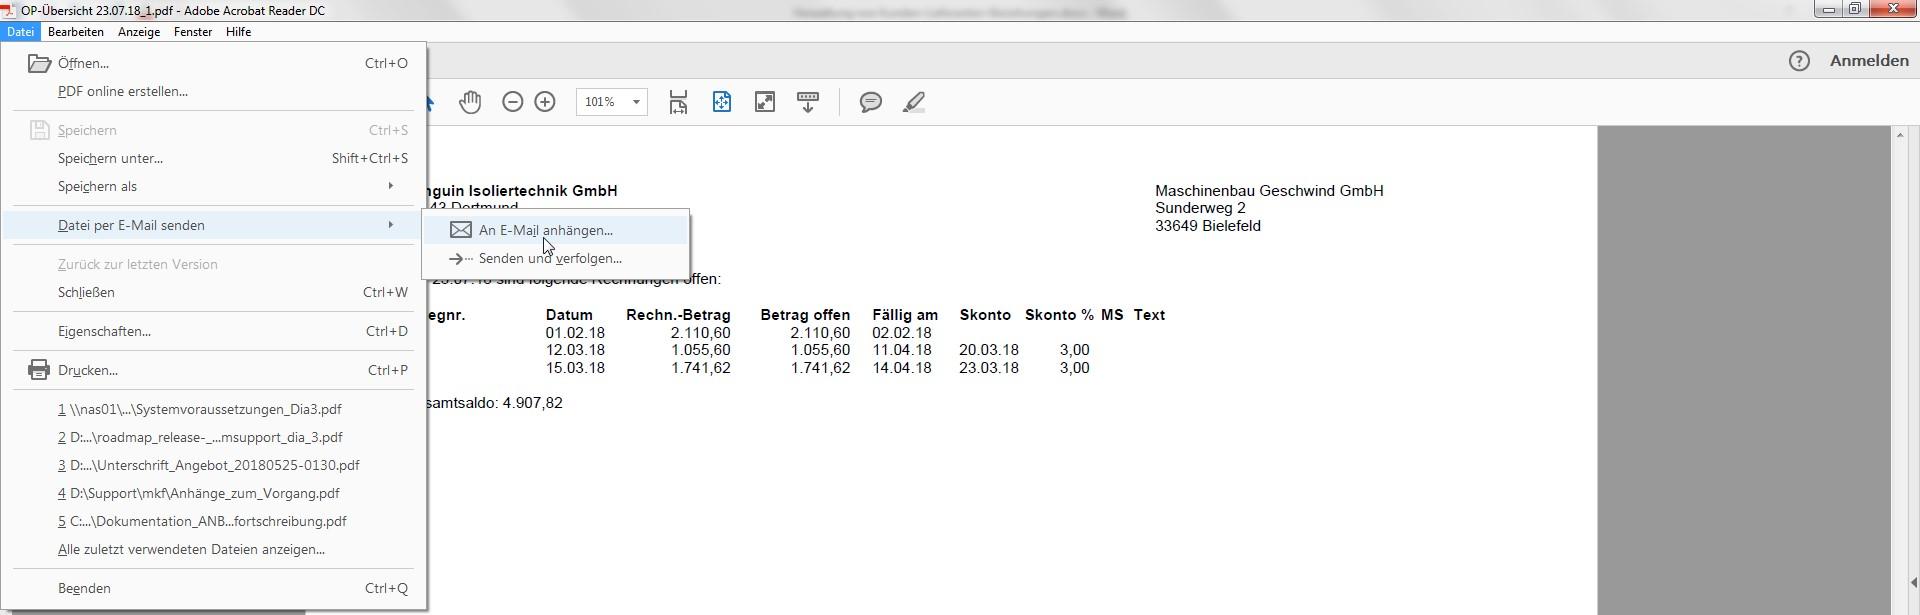 Produktives-Debitoren-und-Kreditorenmanagement-Teil-2-OP-Übersicht-als PDF-Datei-versenden